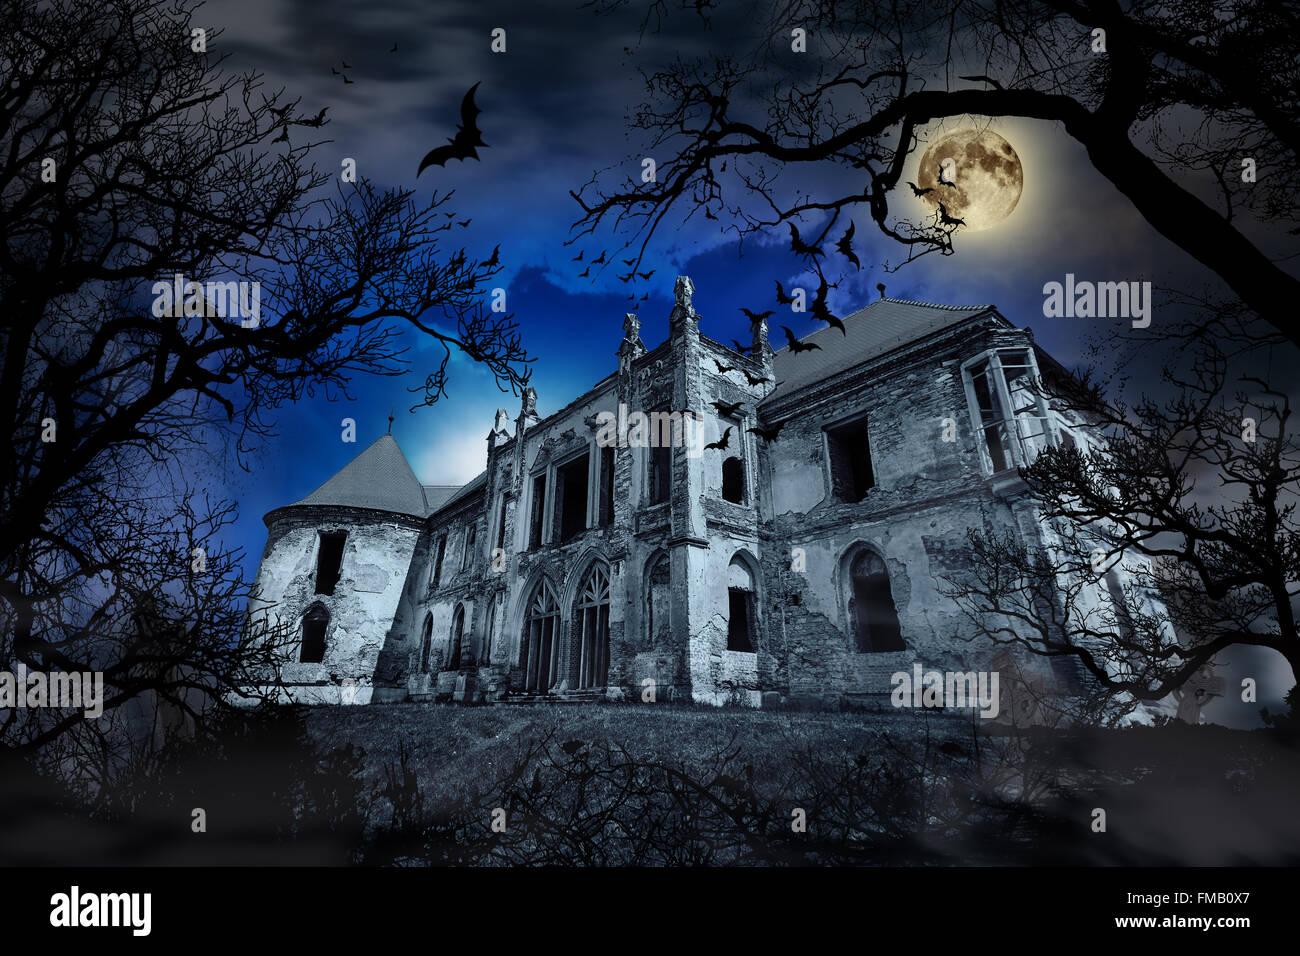 Maison hantée en fond brumeux avec des silhouettes d'arbres. Photo Stock